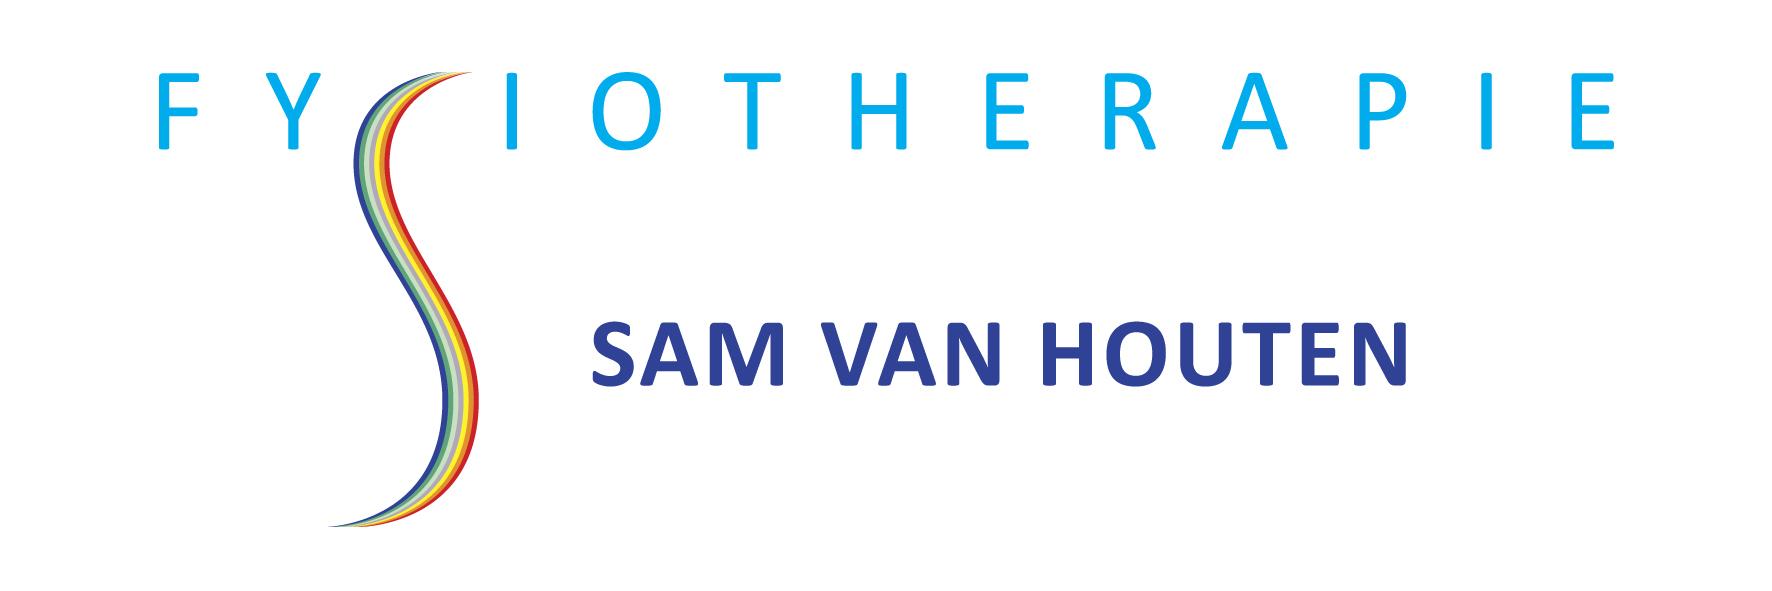 Fysiotherapie Sam van Houten